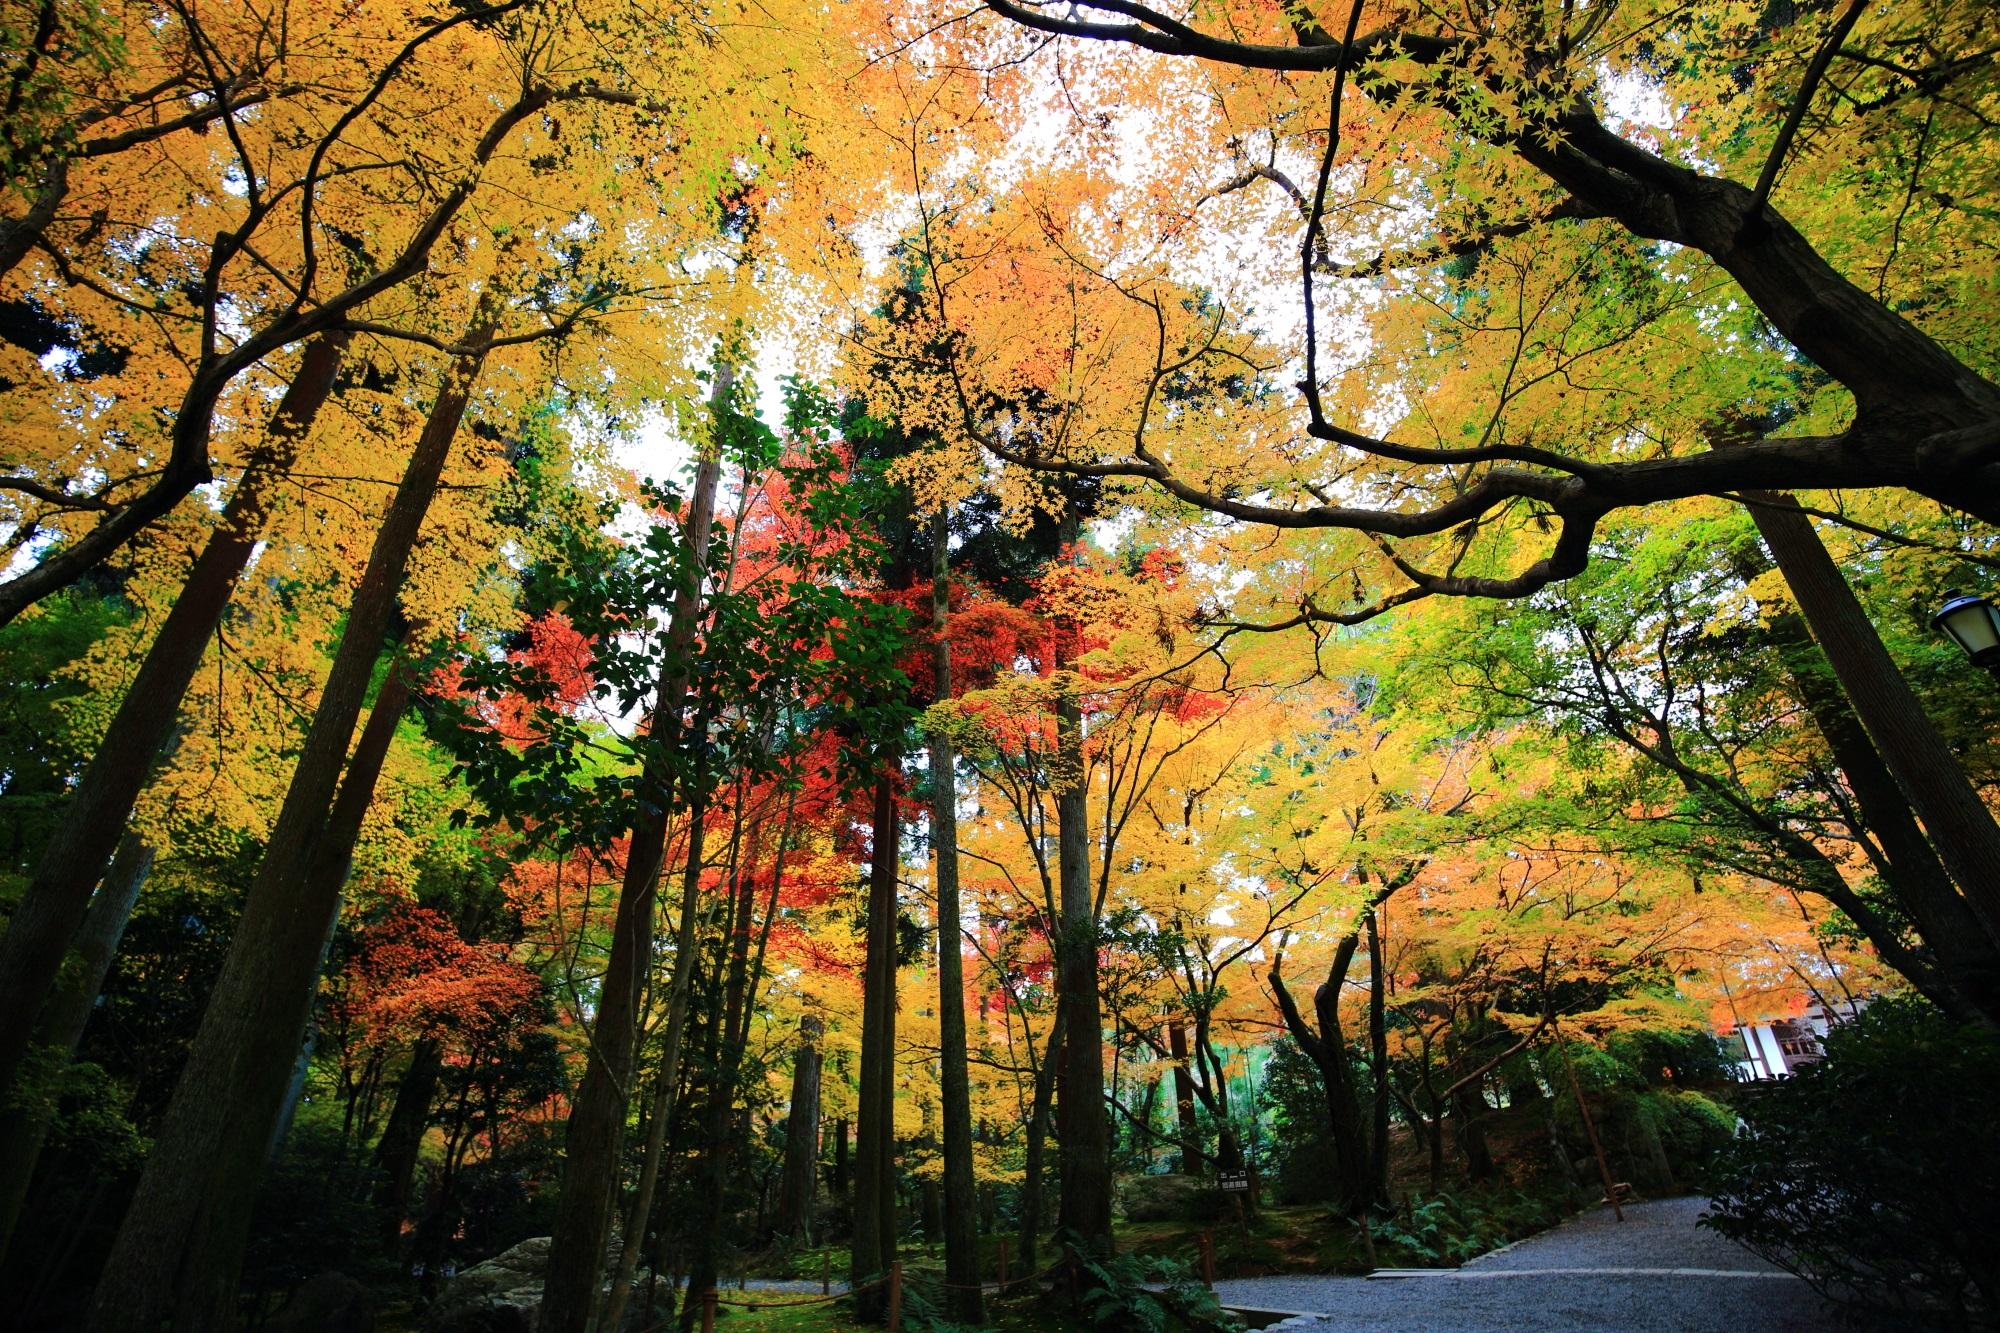 龍安寺の納骨堂前の参道の紅葉